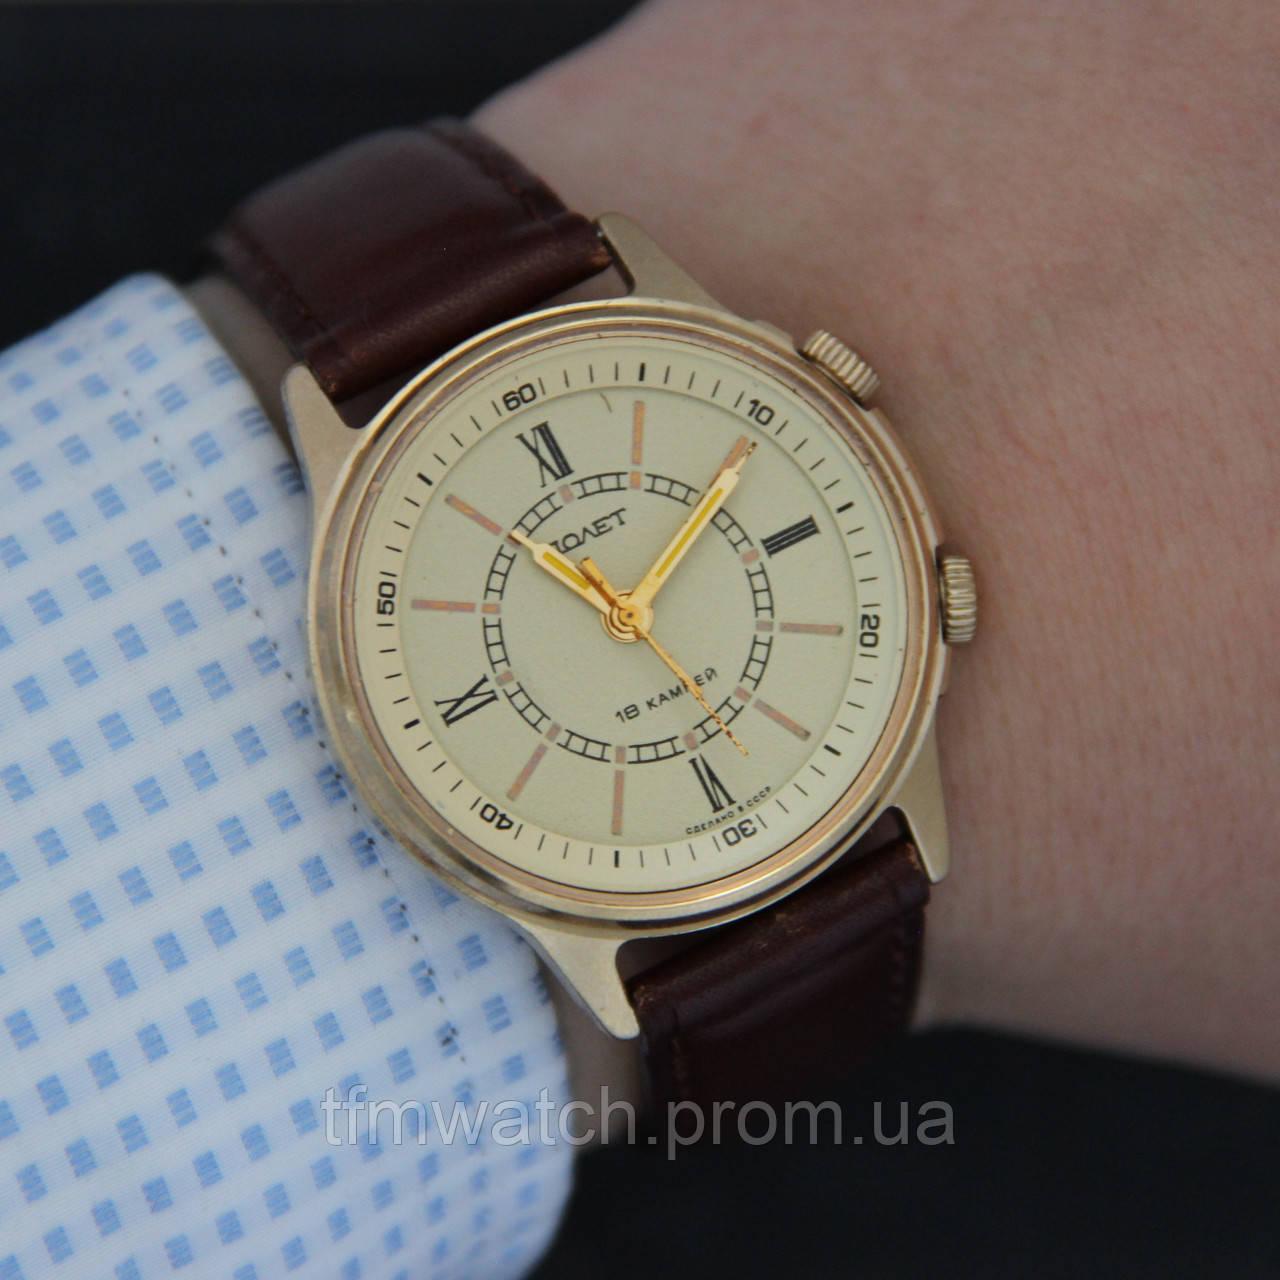 Наручные часы мужские механические с будильником игра час пик купить в спб